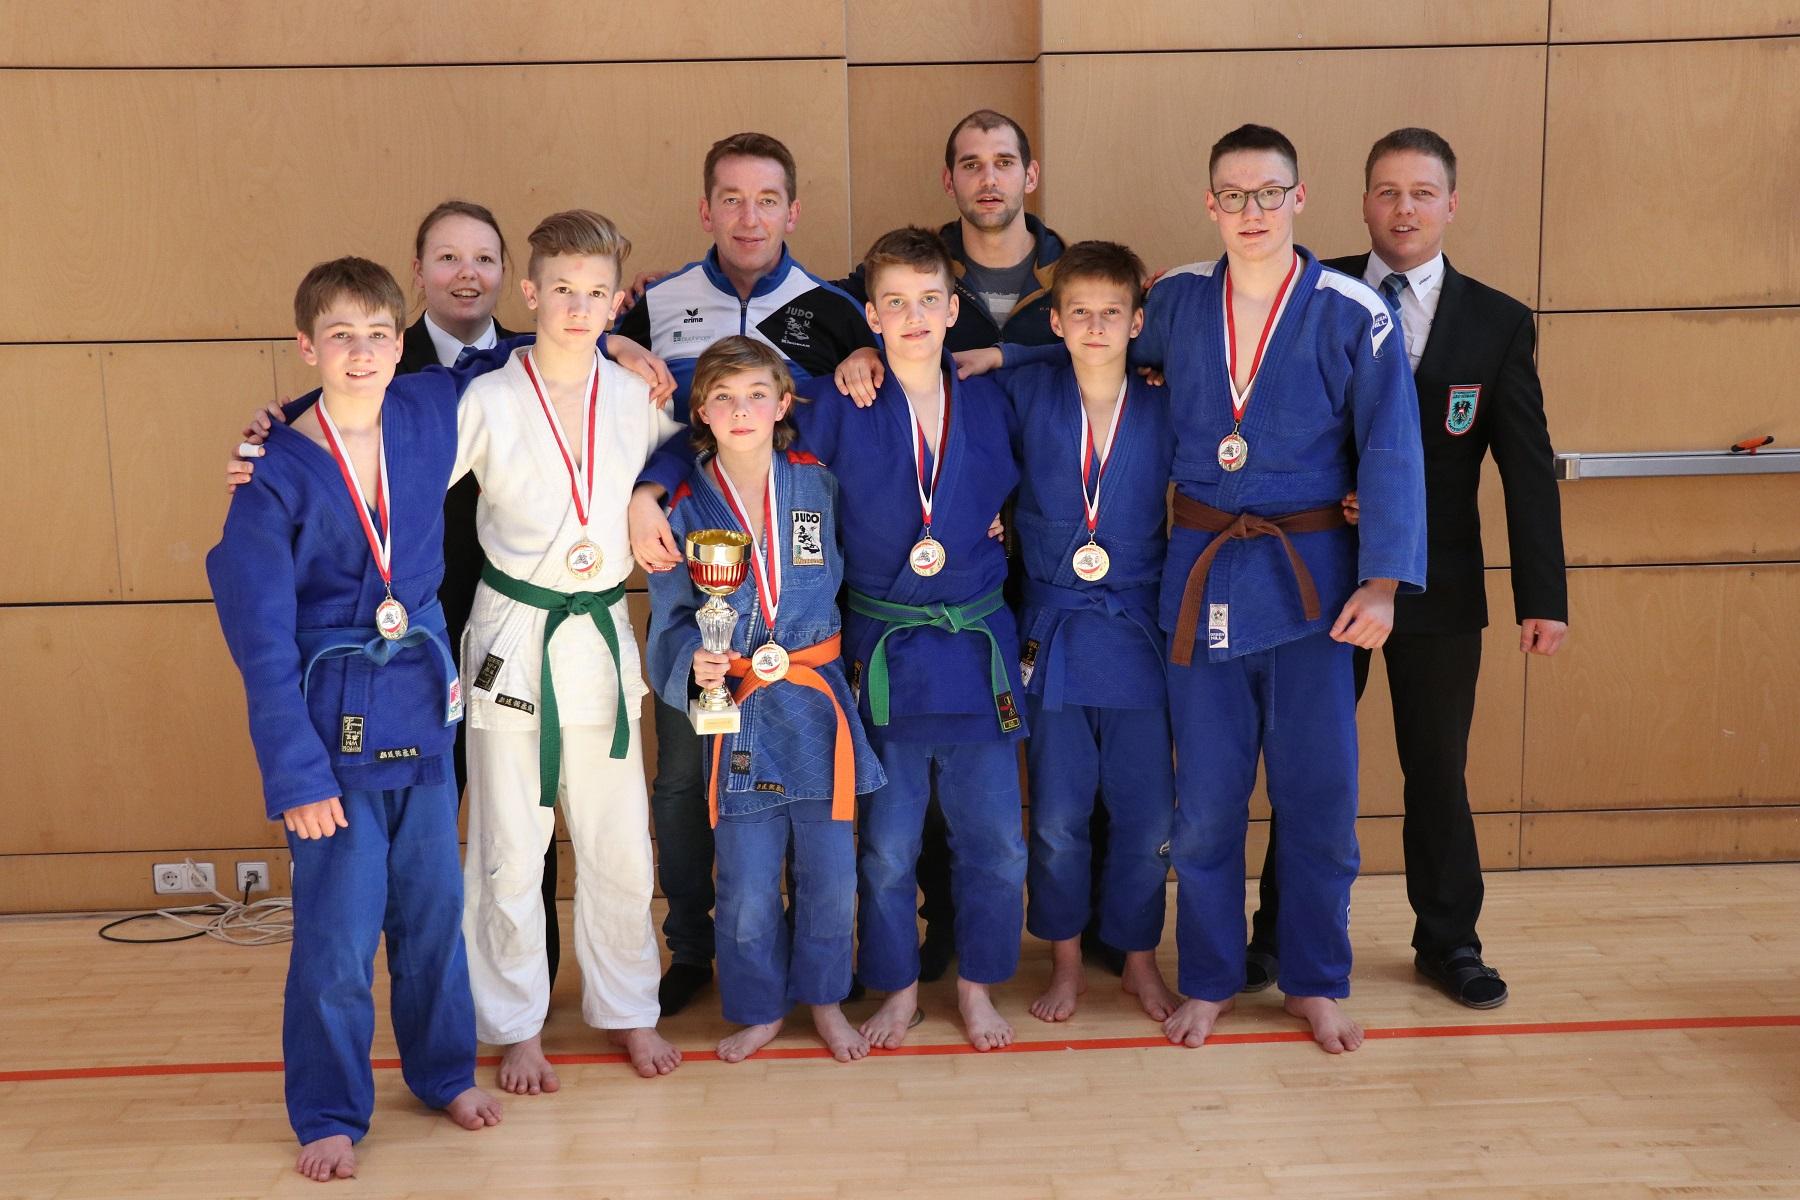 Landesmeister und ein 3. Platz bei den OÖ Schülermannschaft-Landesmeisterschaften in Burgkirchen!!